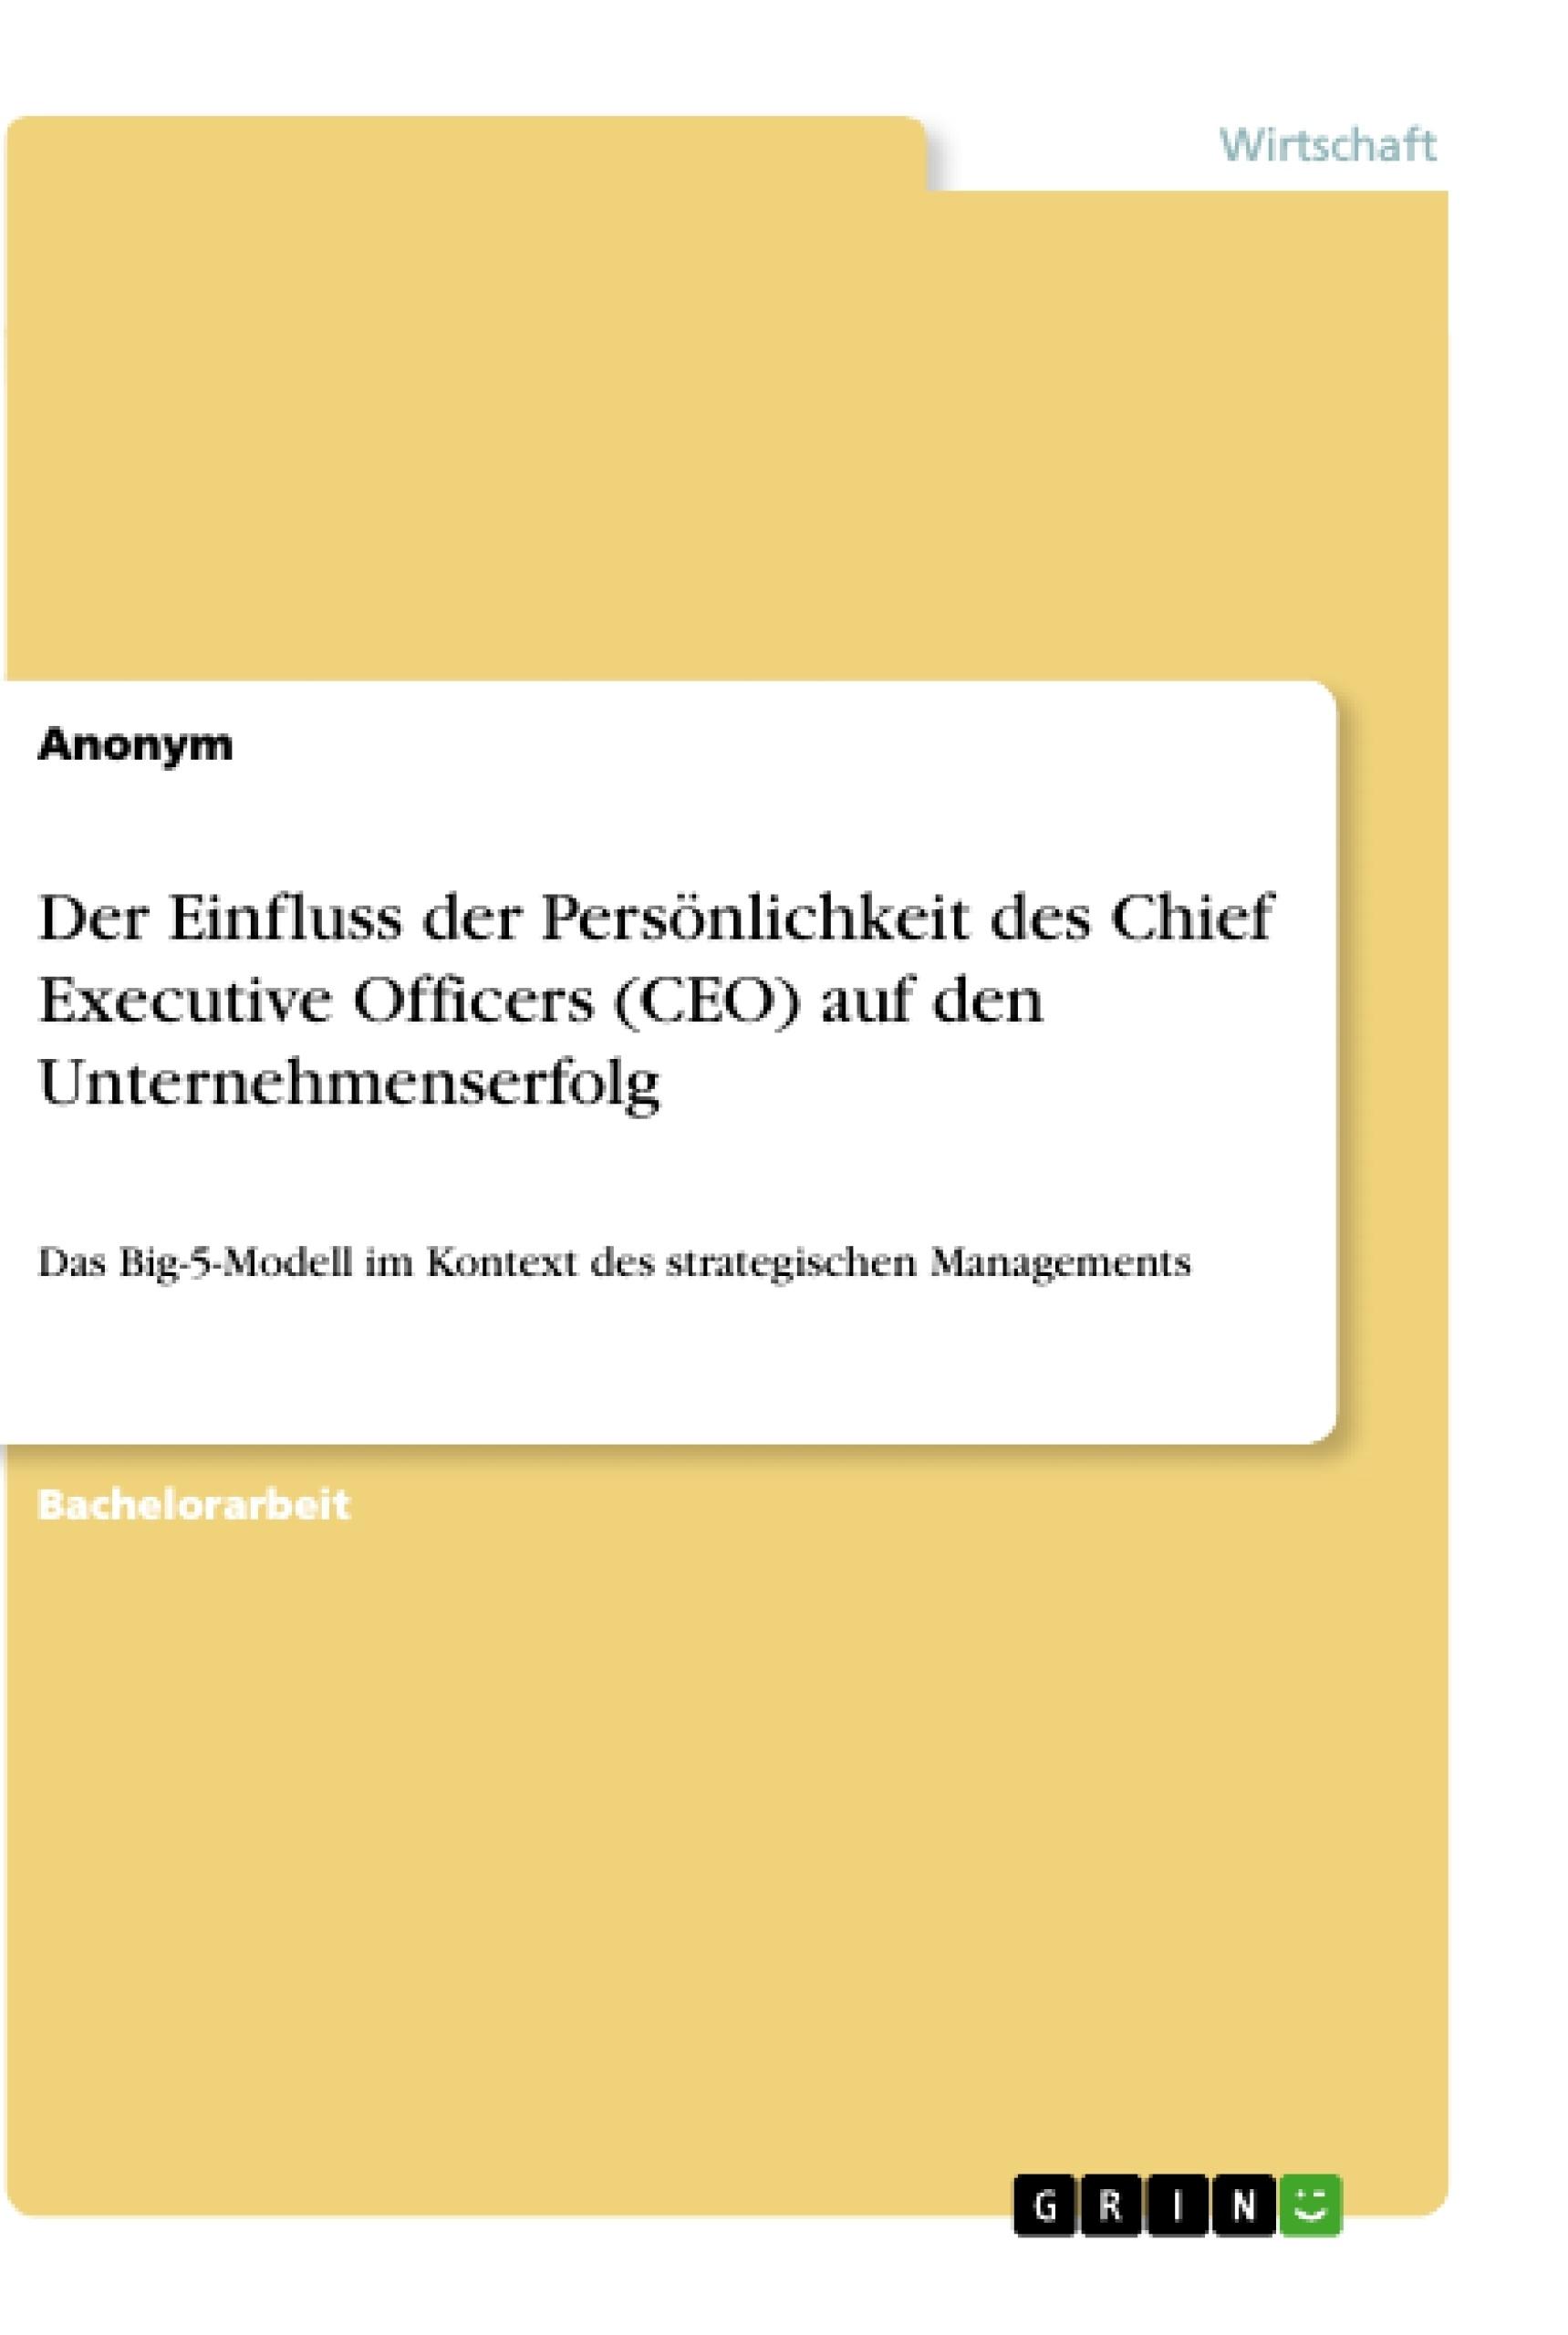 Titel: Der Einfluss der Persönlichkeit des Chief Executive Officers (CEO) auf den Unternehmenserfolg